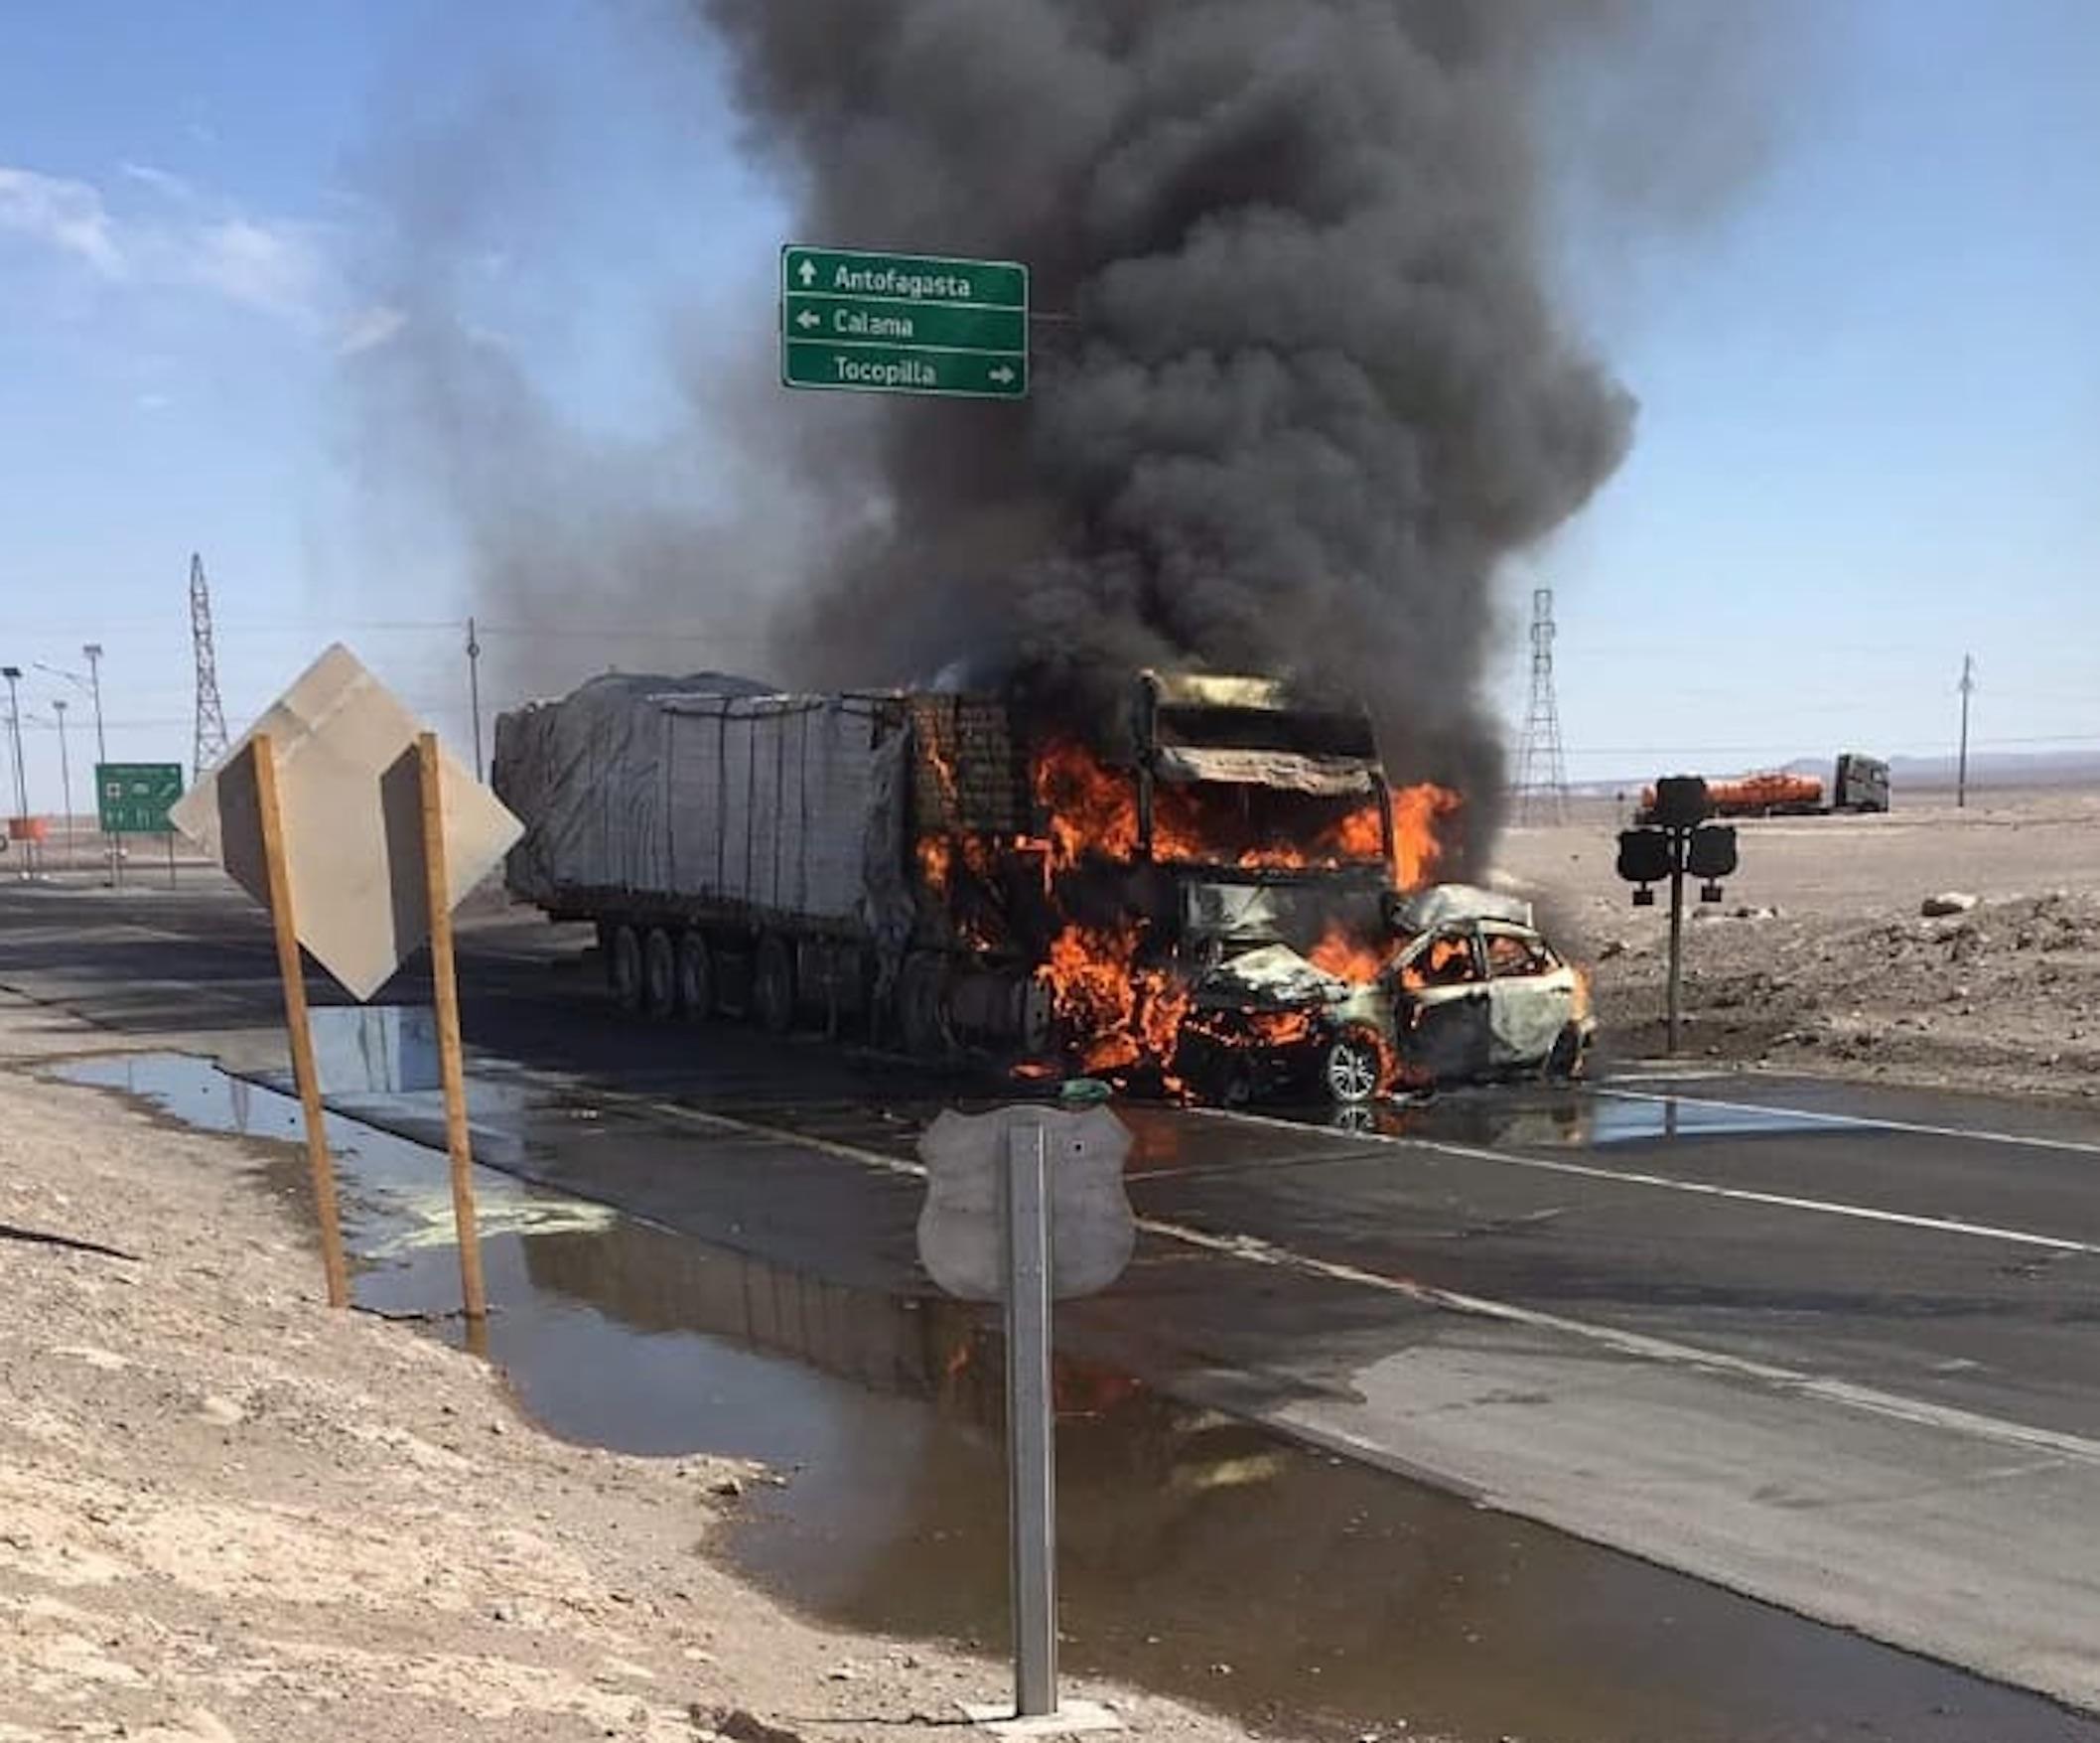 Antofagasta: Fatal accidente deja 4 muertos en la Ruta 5 a la altura cruce a Calama